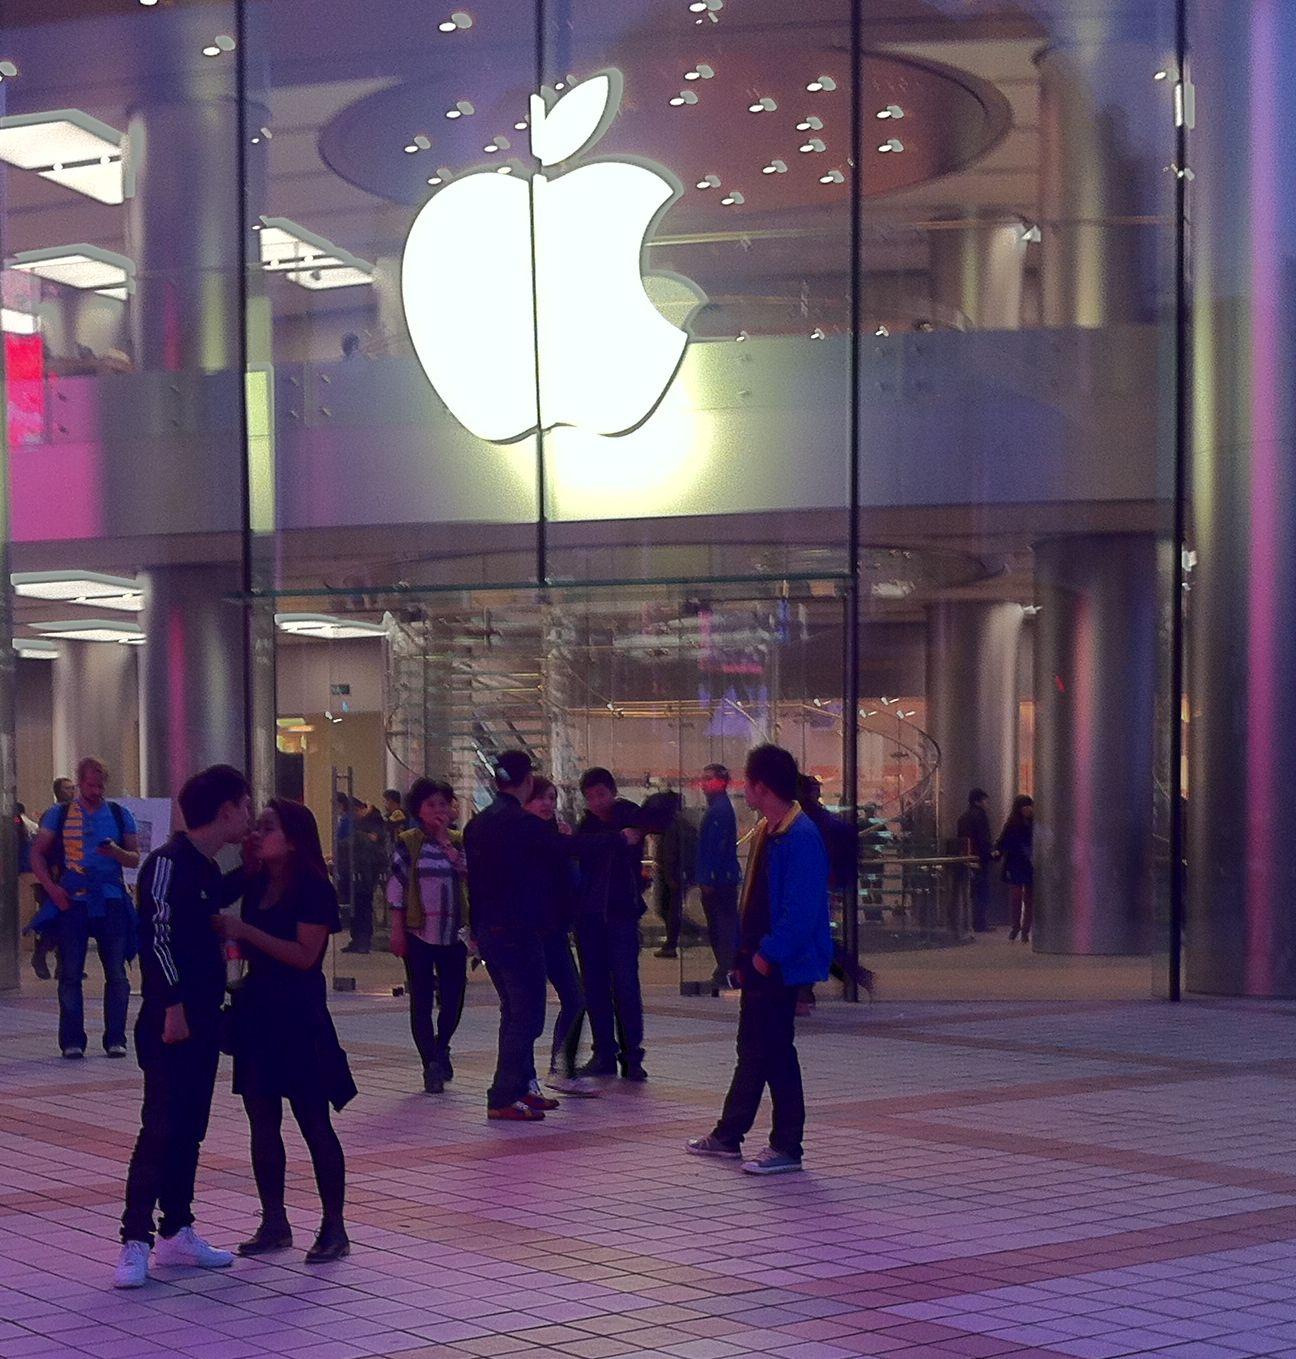 Vor kurzem hat Apple seinen größten Laden Asiens in Peking eröffnet. Wer hier ein iPhone kauft, darf nicht auf Siris Hilfe bei der Suche nach Sex hoffen